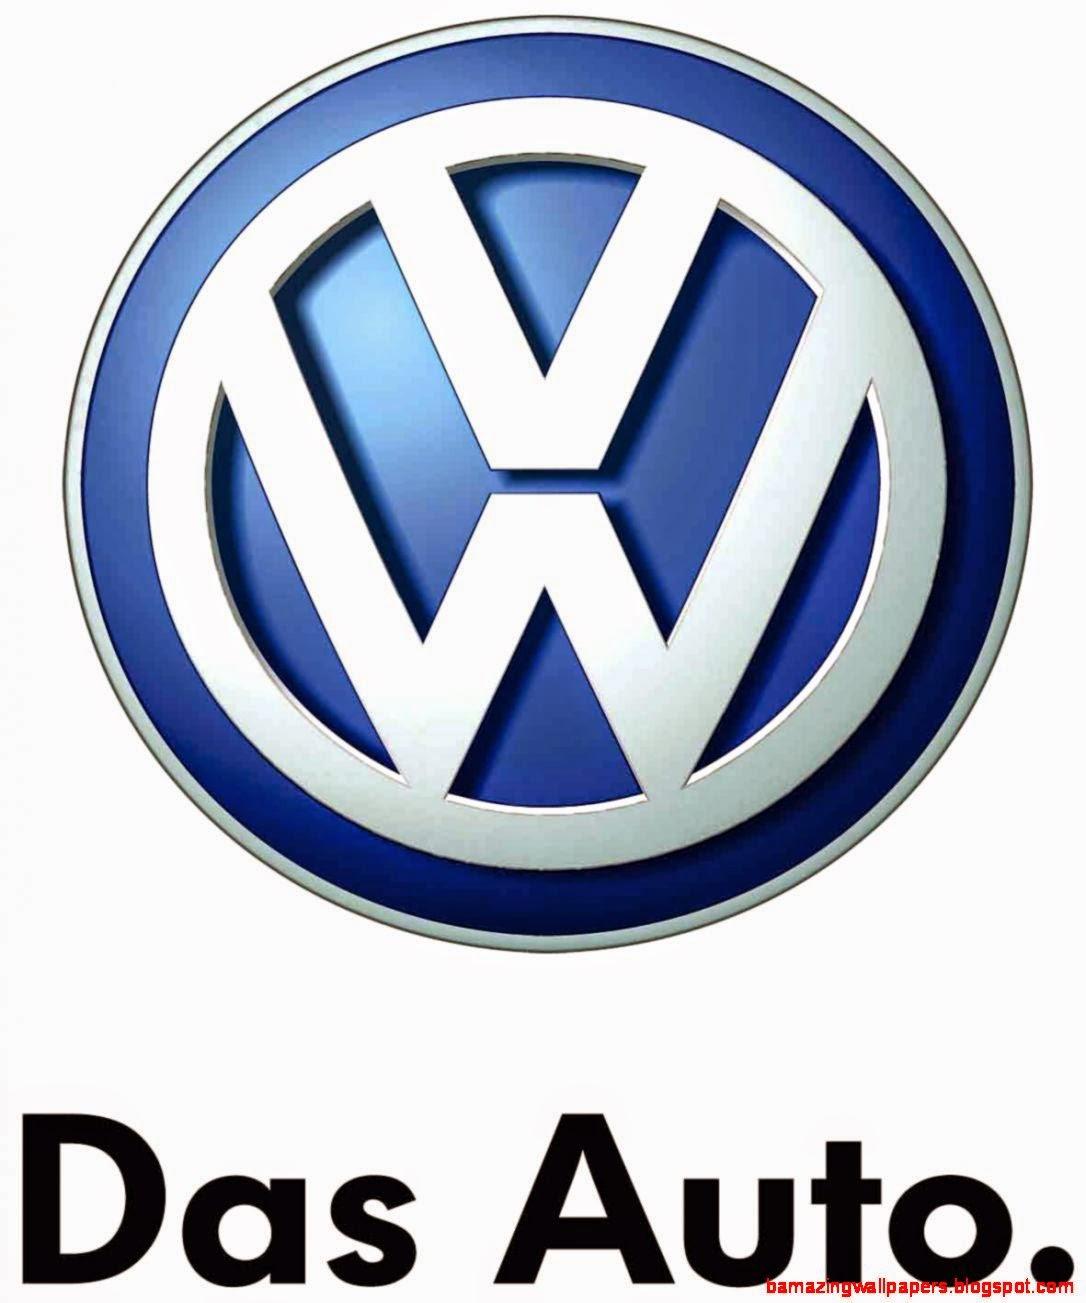 volkswagen das auto logo png amazing wallpapers